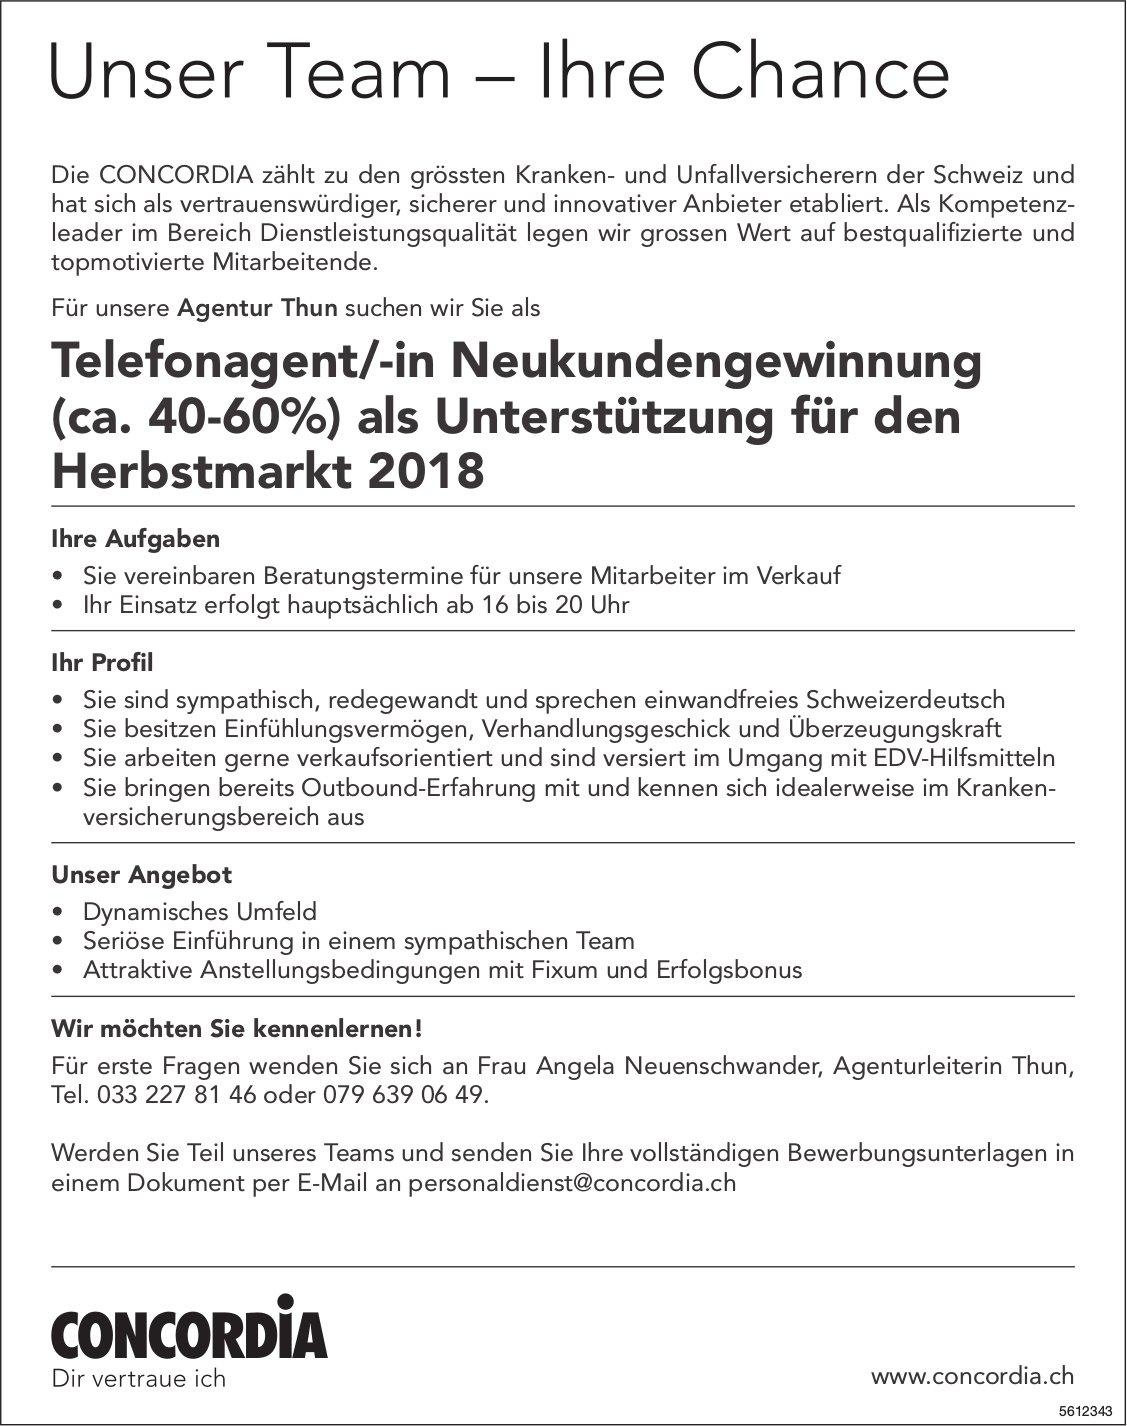 Telefonagent/-in Neukundengewinnung (ca. 40-60%), Concordia, Agentur Thun, gesucht